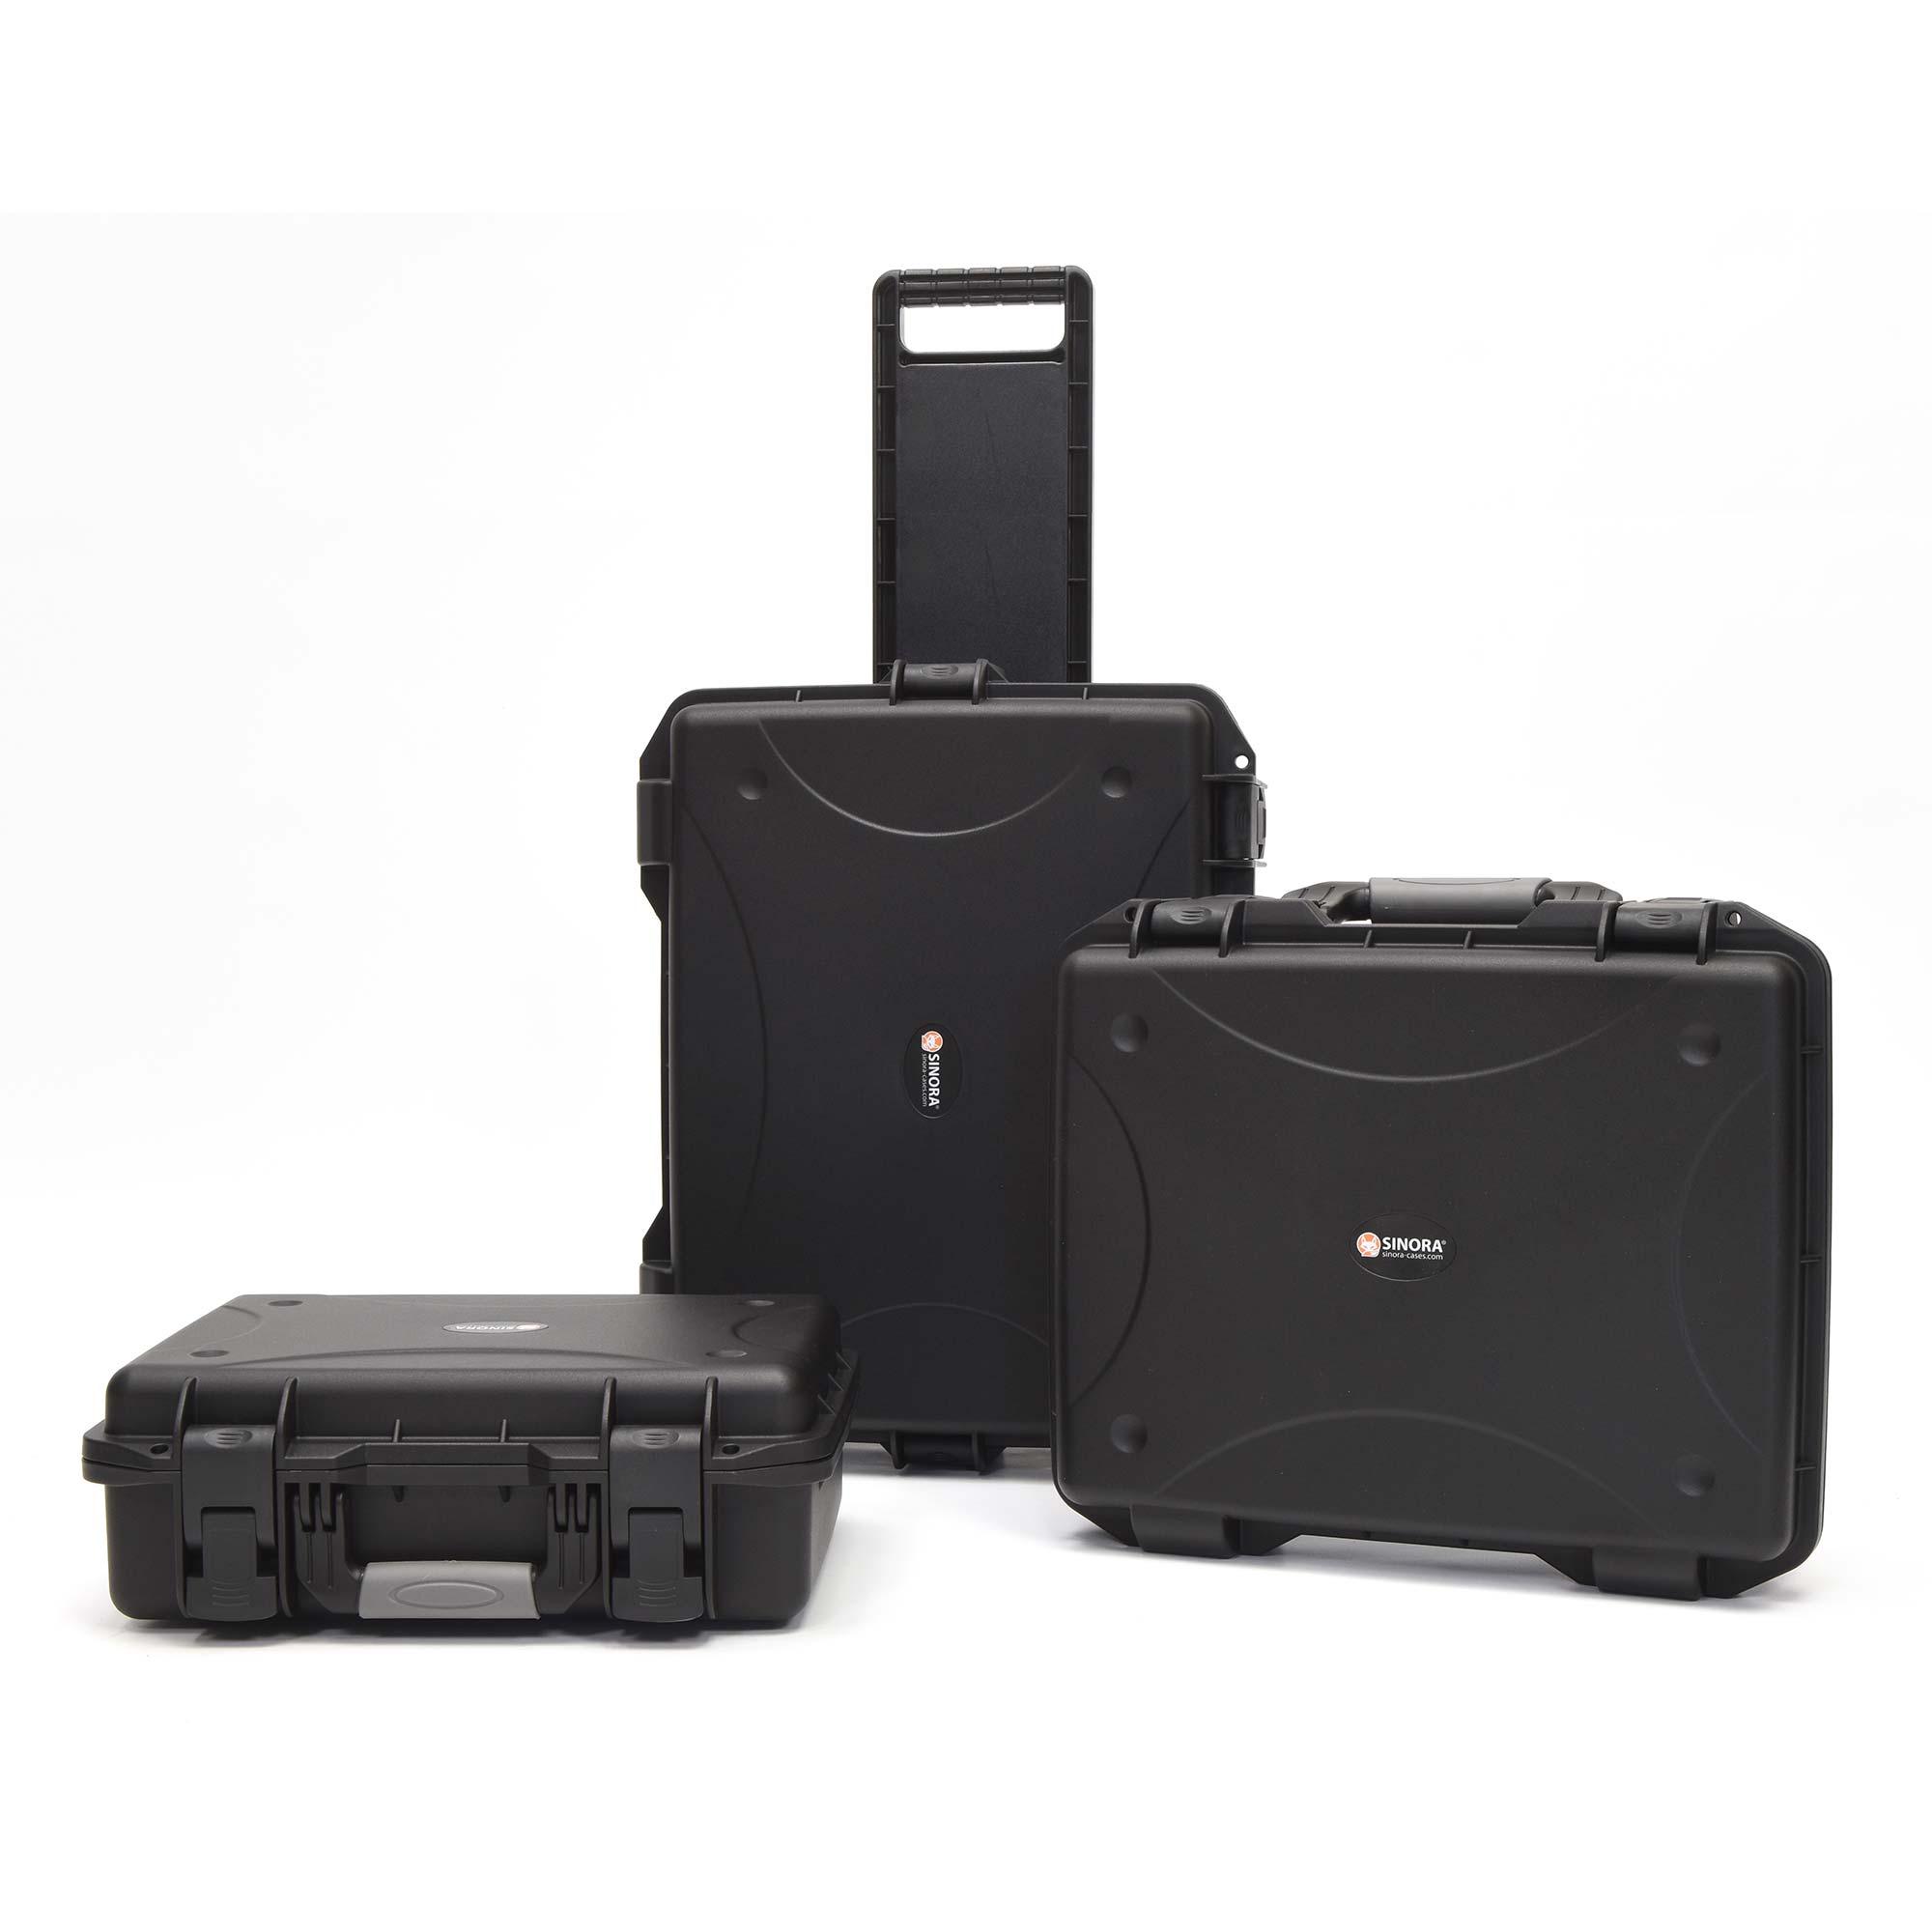 Sinora Classic Serie Cases mit und ohne Trolley